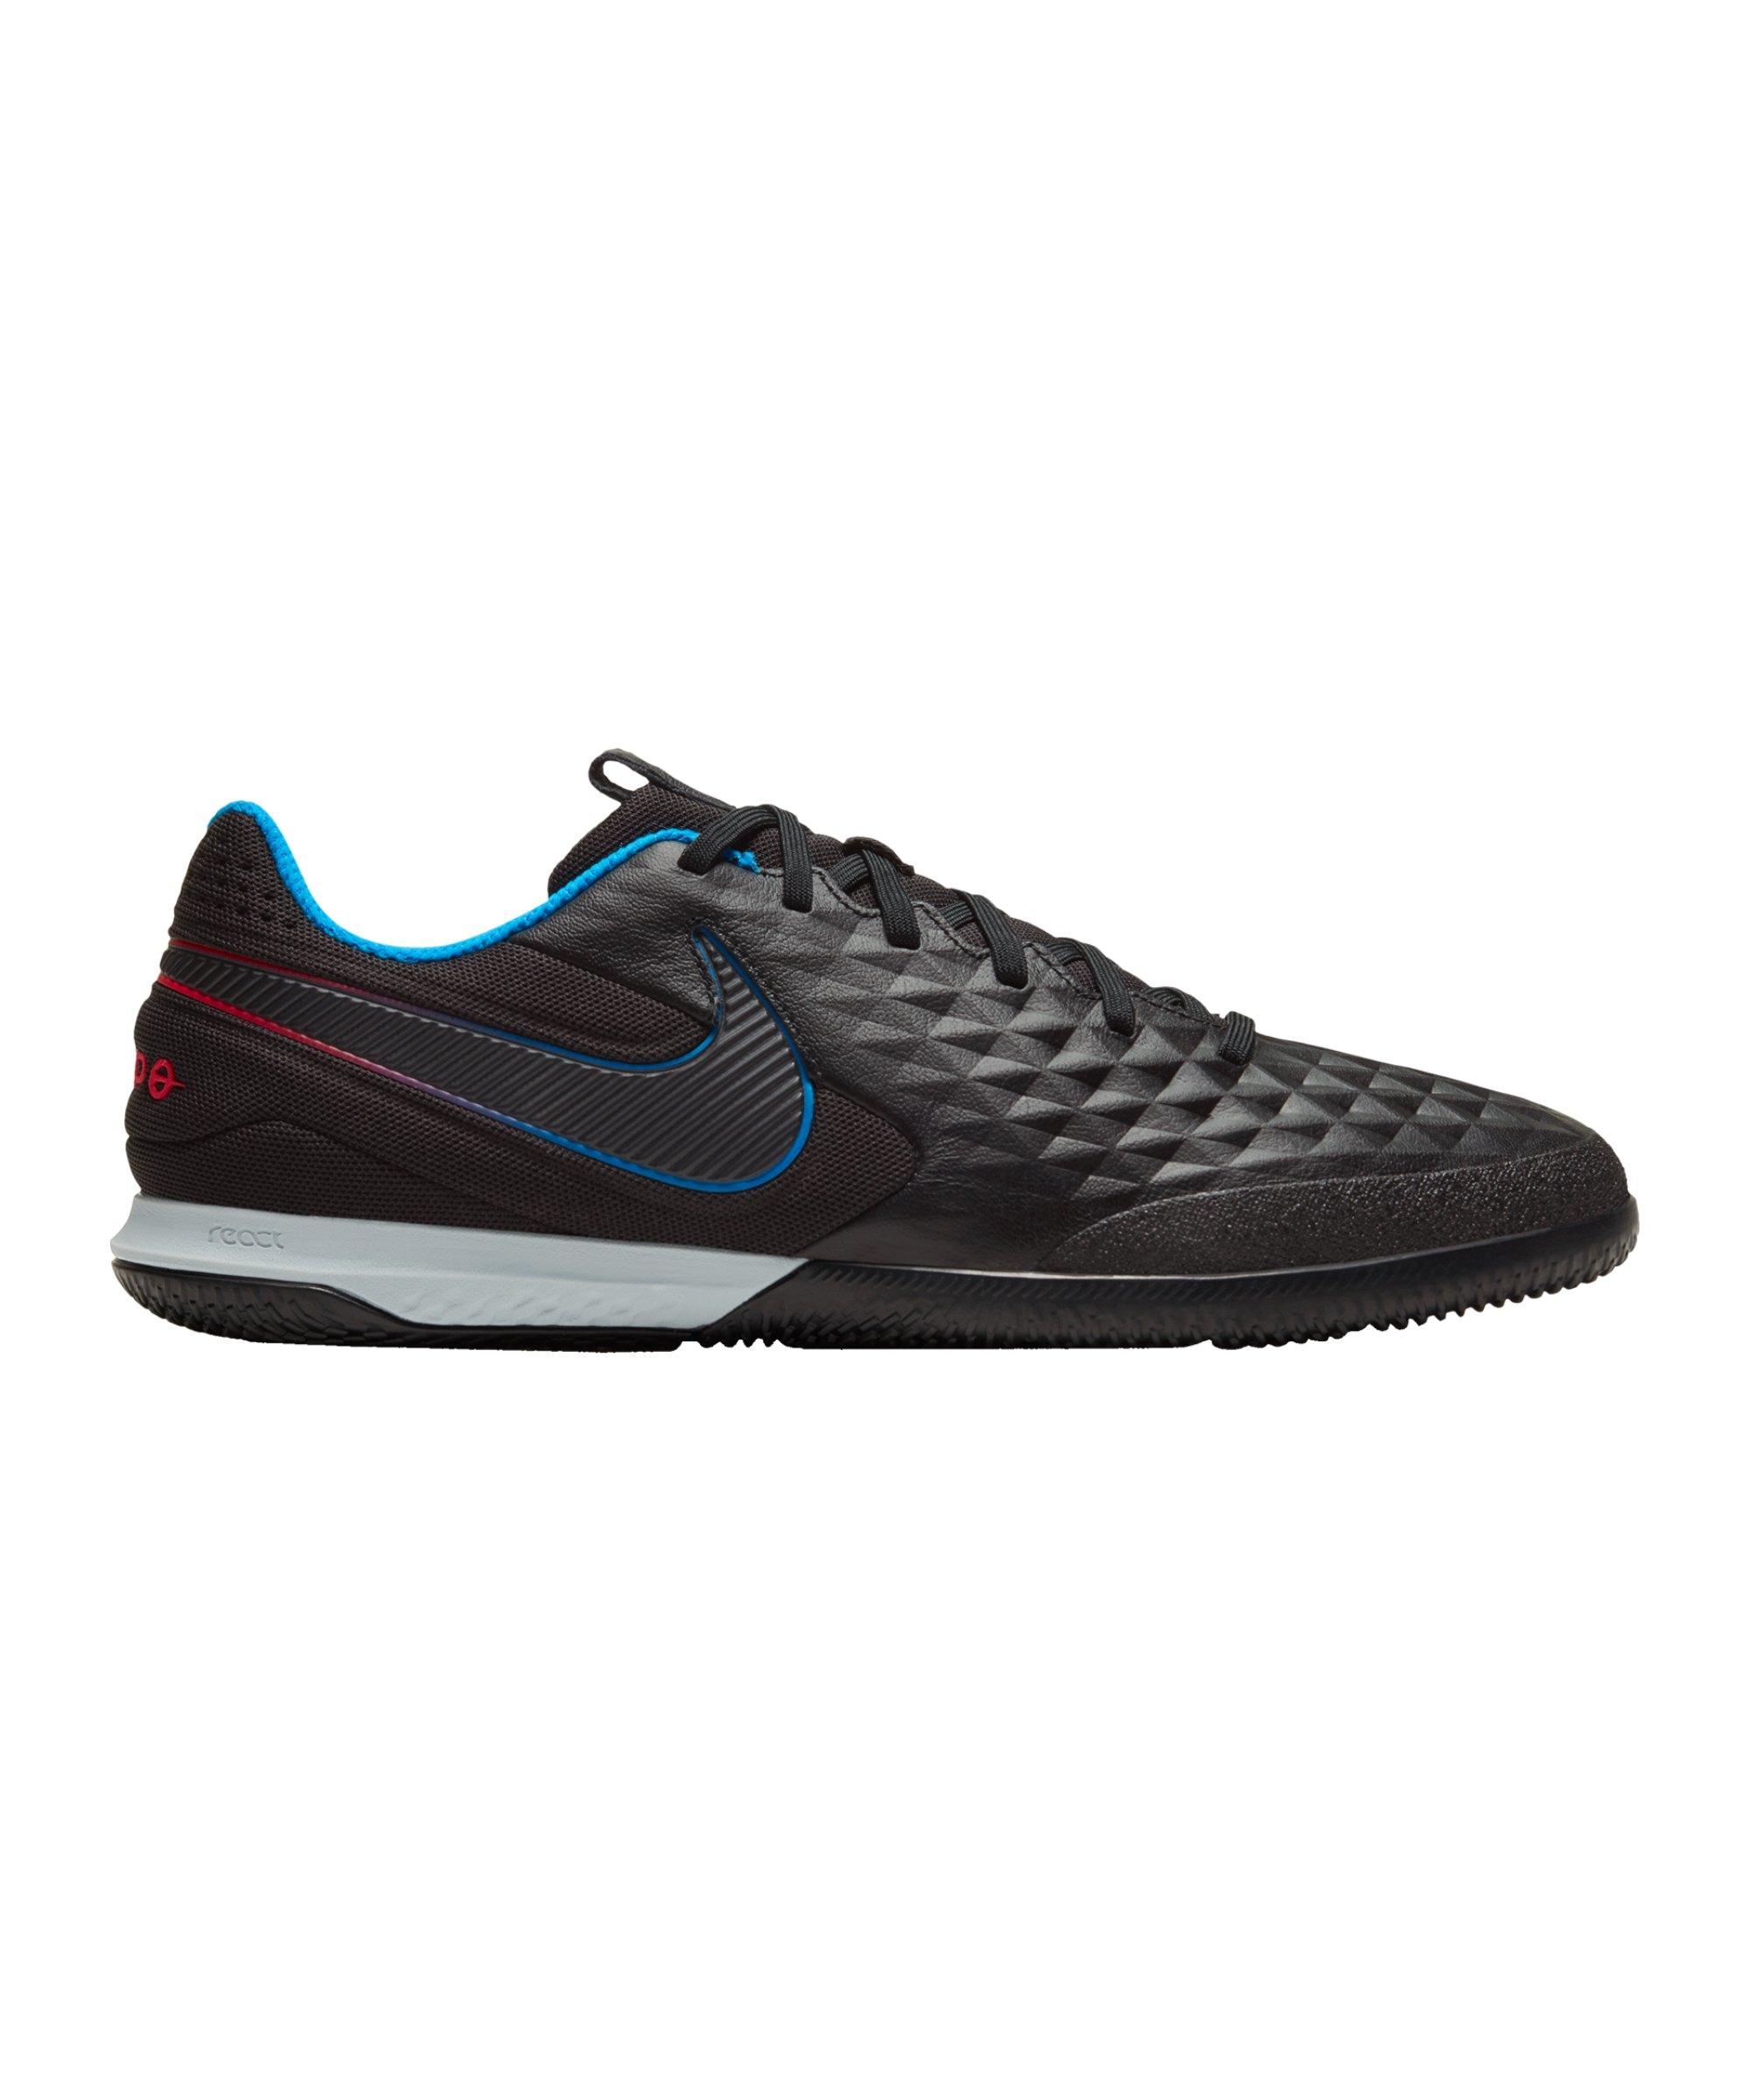 Nike Tiempo Legend VIII Black X Prism Pro React IC Schwarz Blau Rot F090 - schwarz